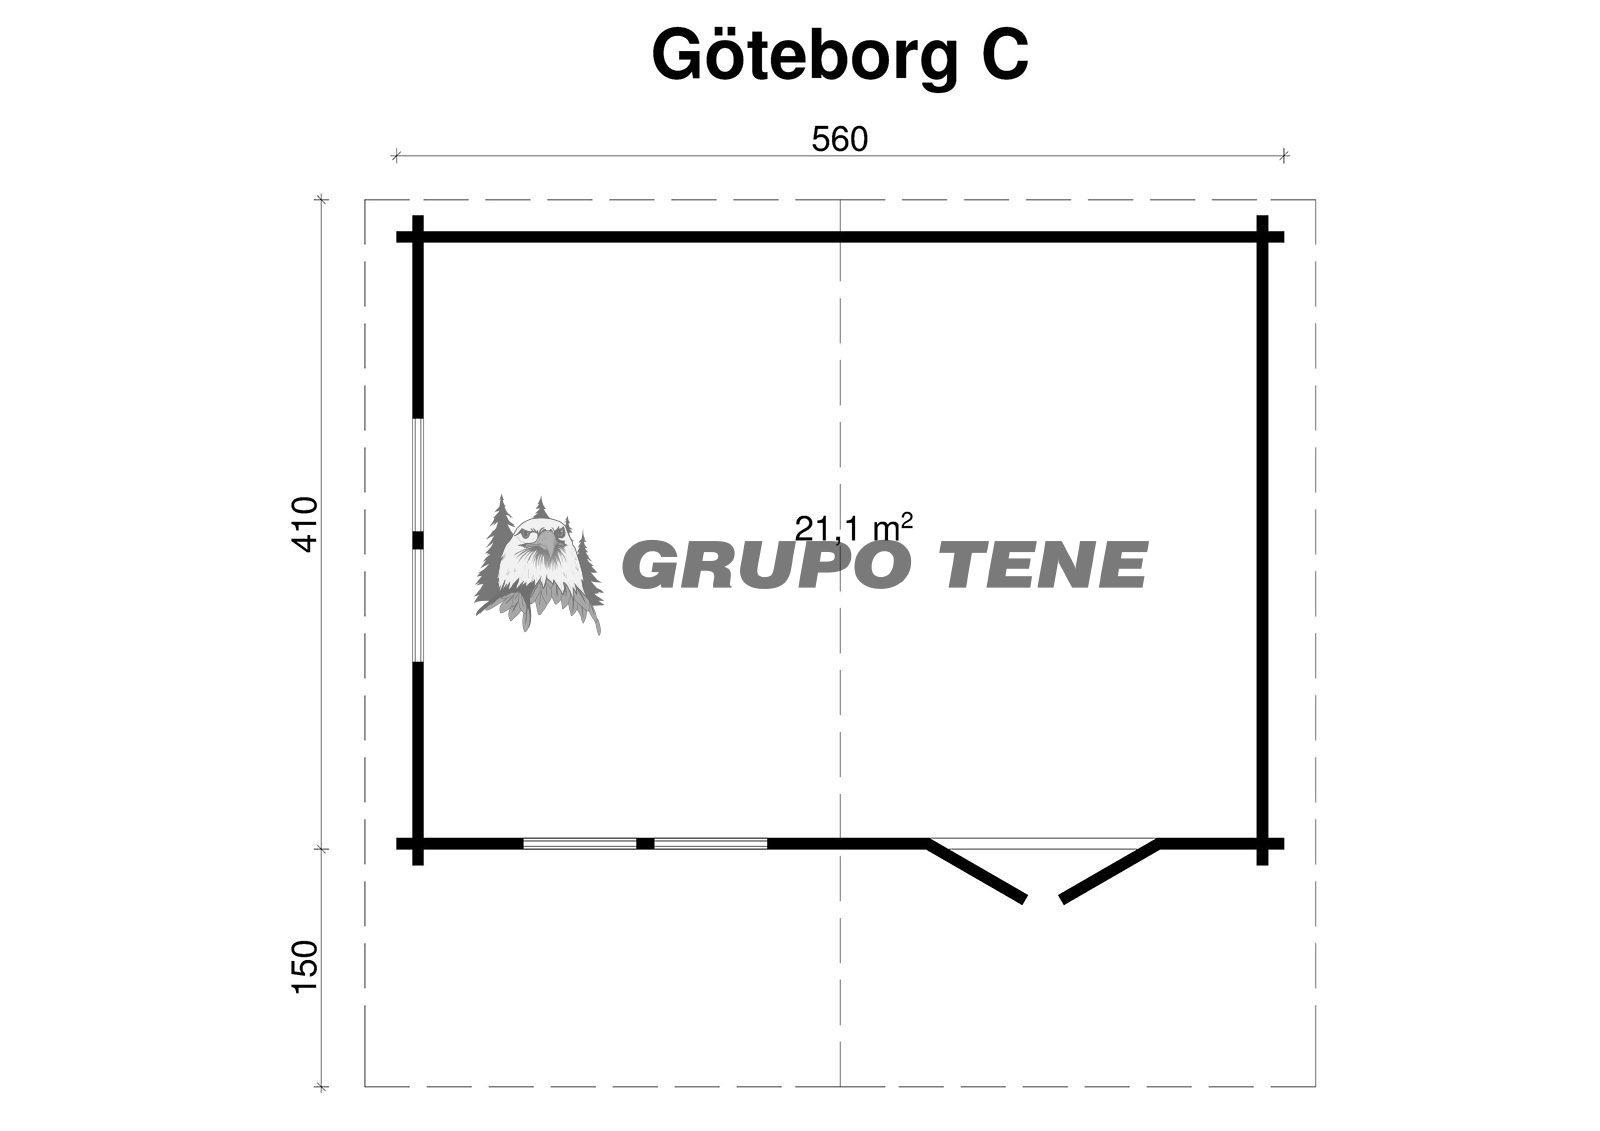 plano goteborg c